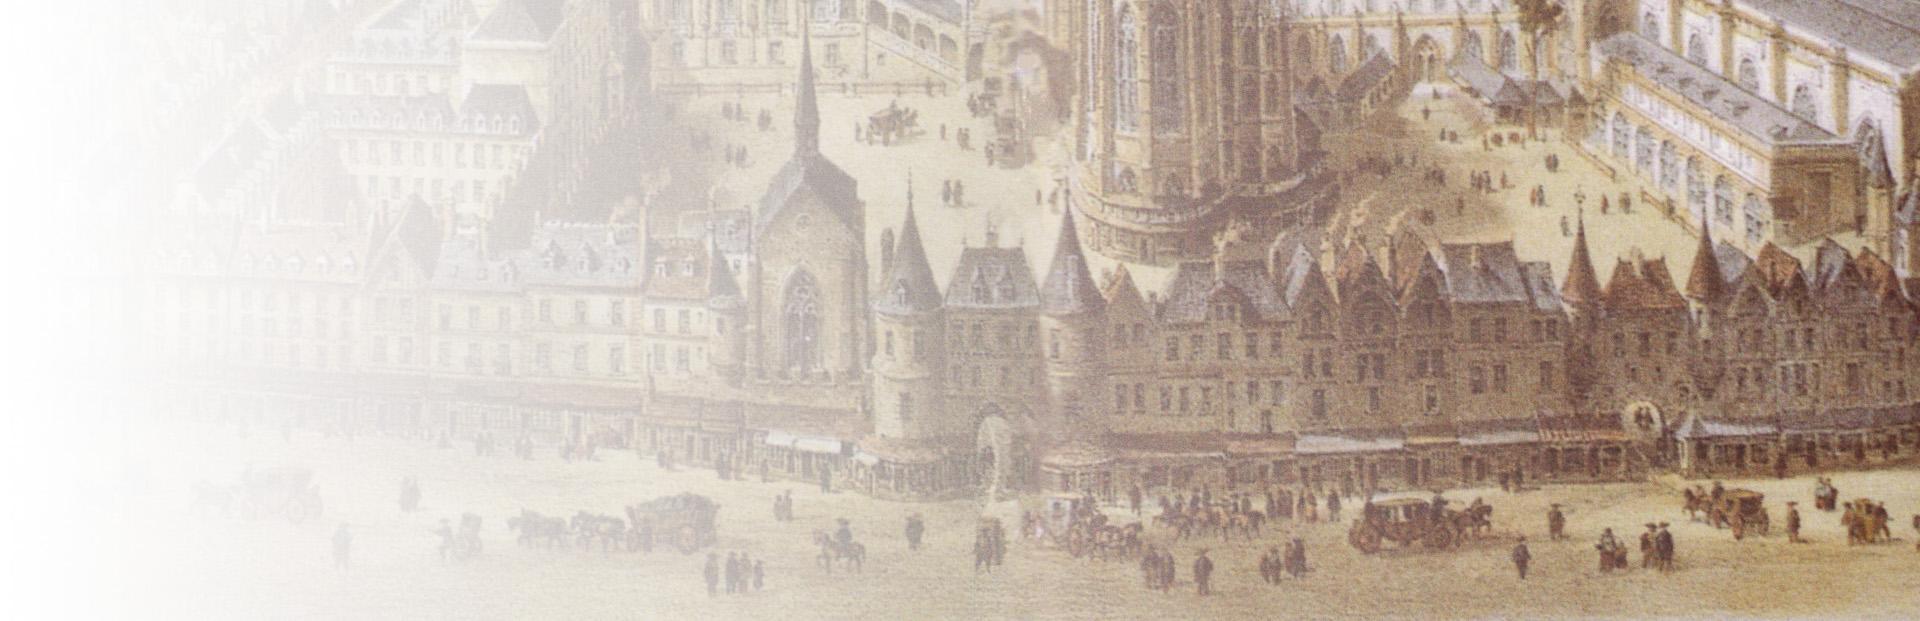 Découvrez la ville de Paris